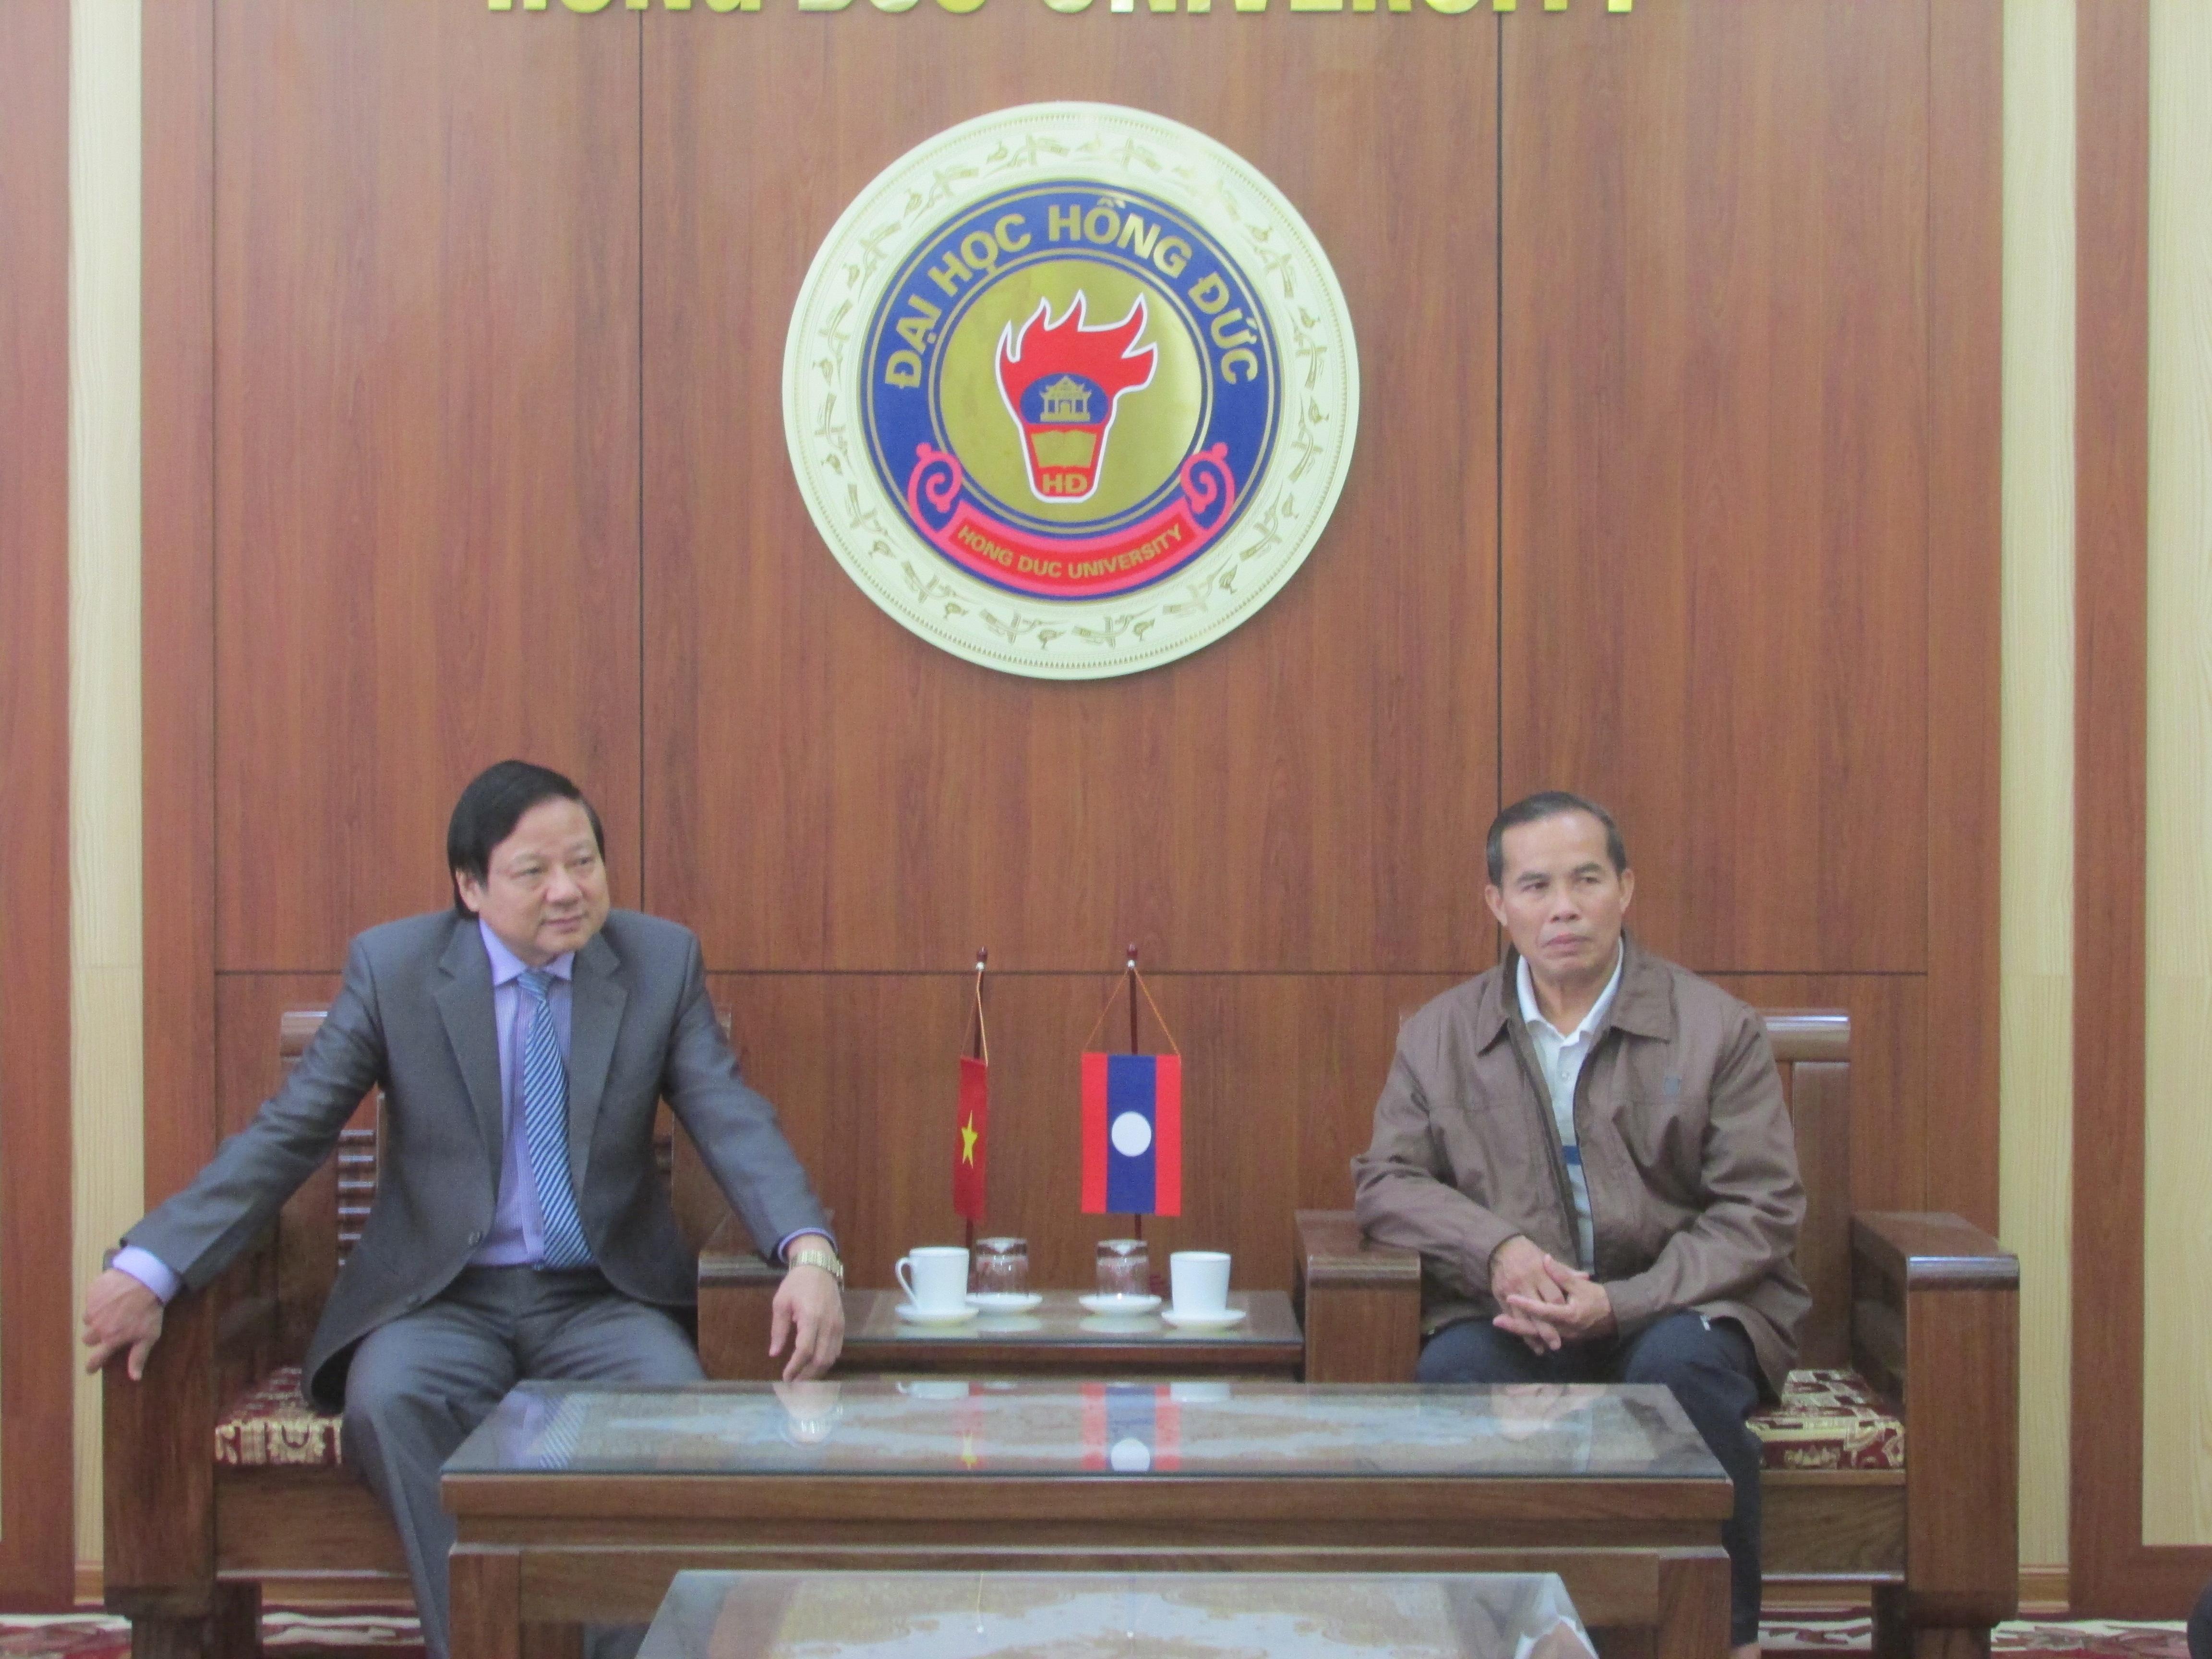 Đoàn cán bộ Sở Giáo dục và Thể thao các tỉnh Bôlikhămxay - nước bạn Lào đến thăm và làm việc với Trường Đại học Hồng Đức